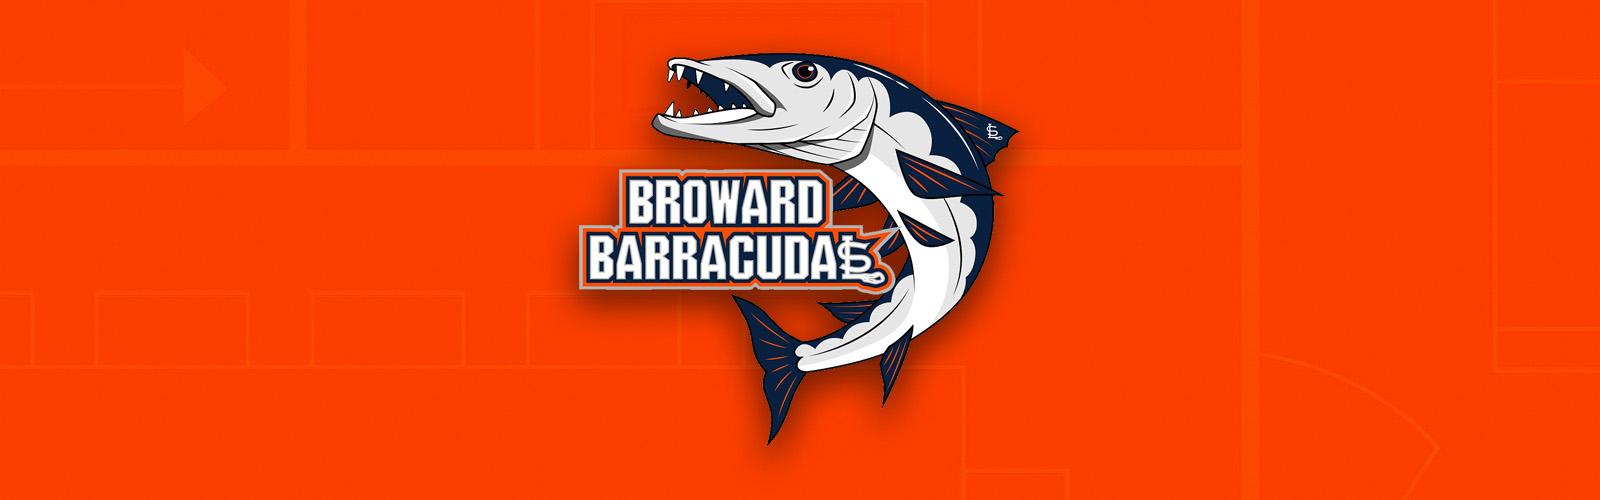 Barracudas_Header